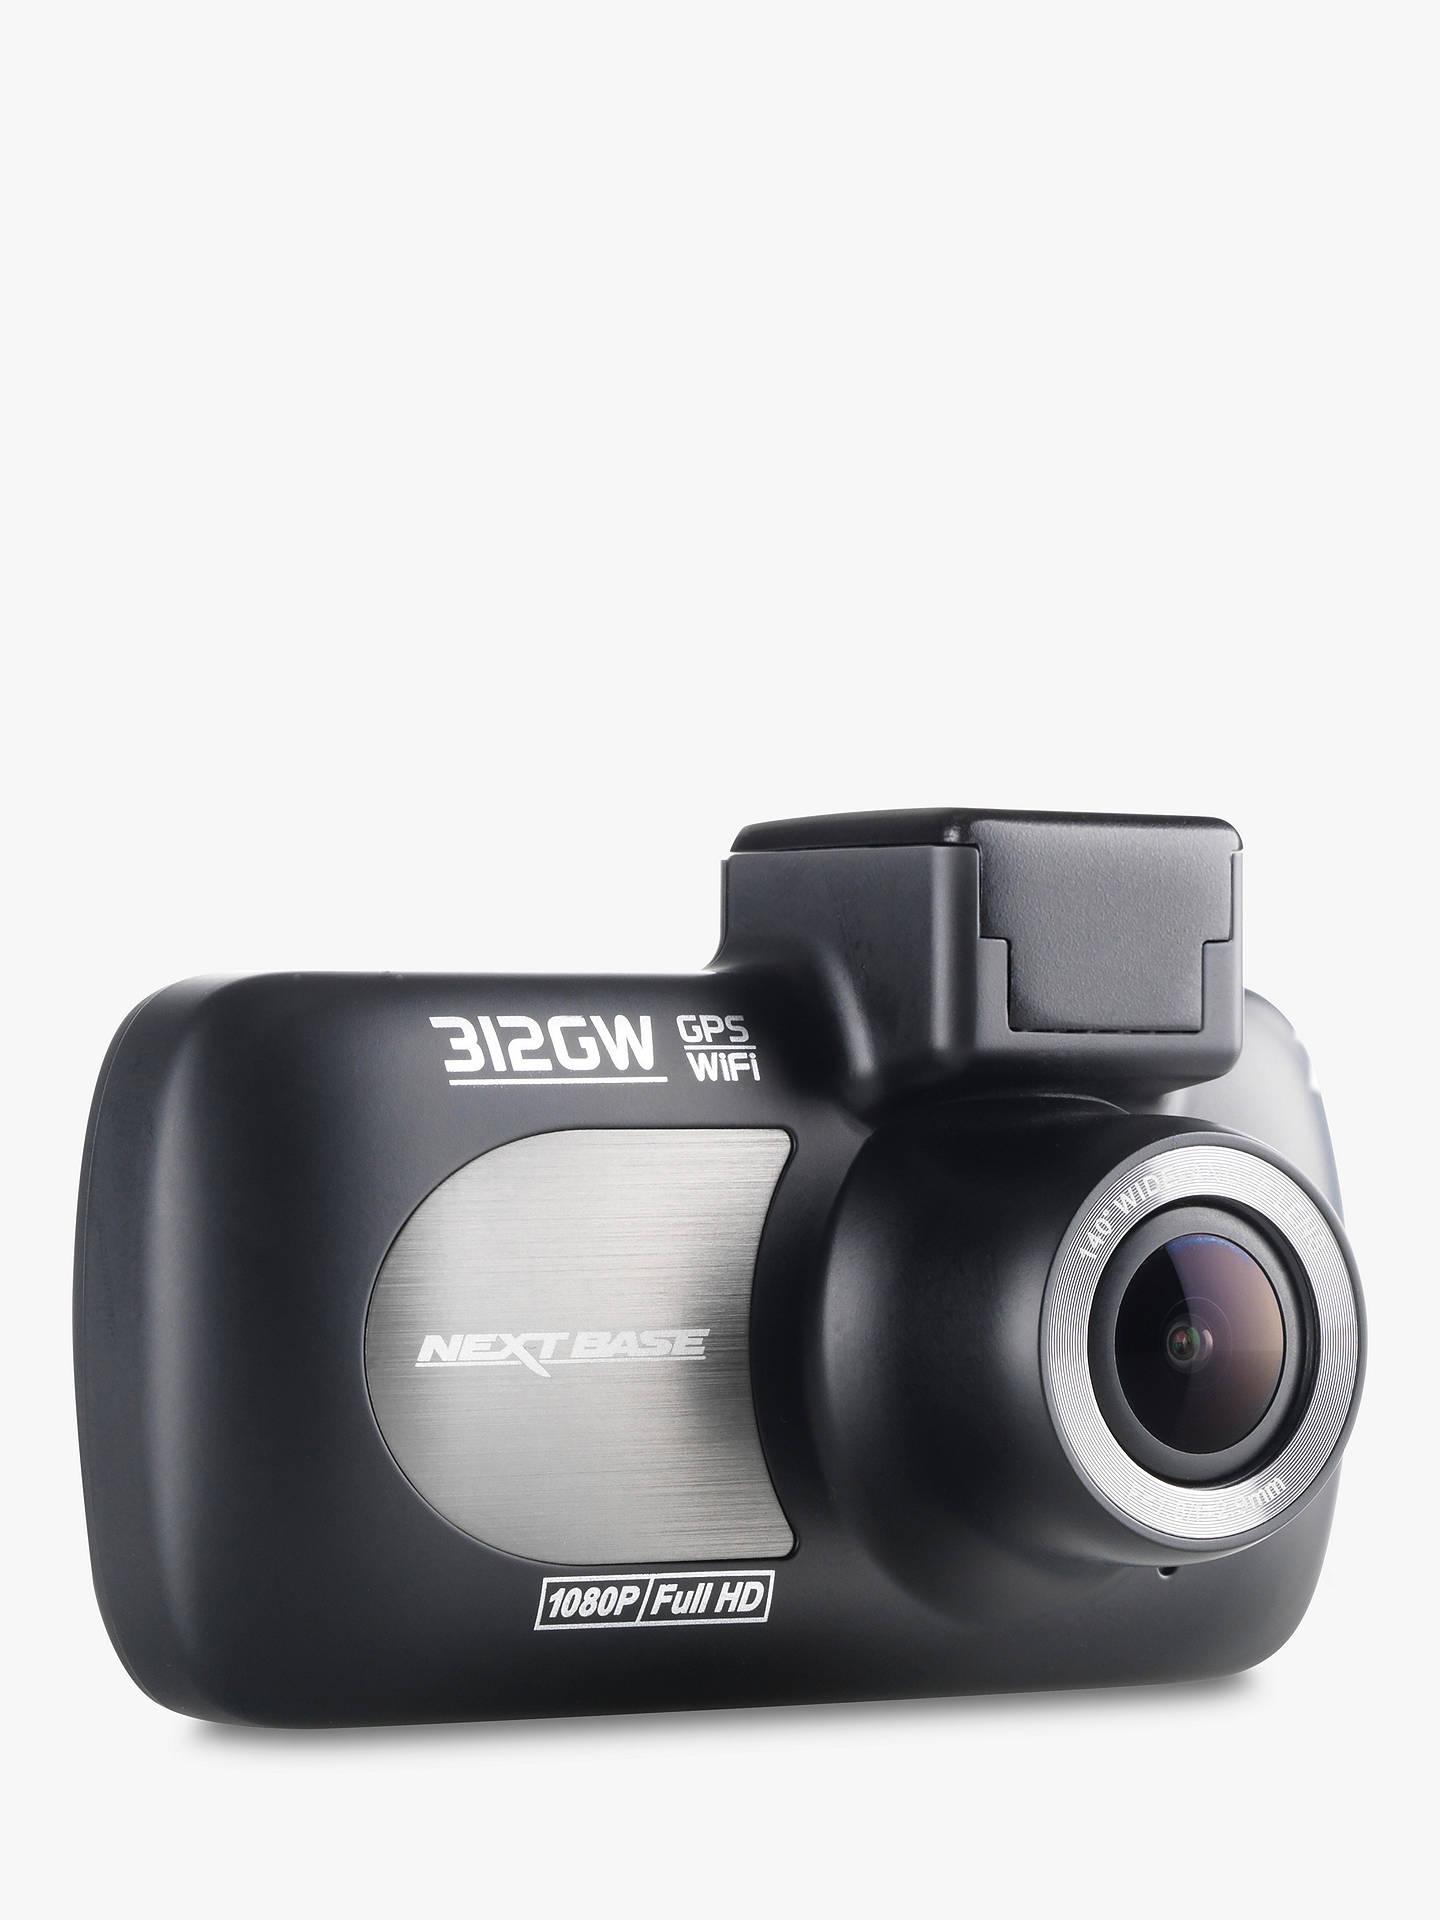 fee693e1247a Buy Nextbase Dash Cam 312GW